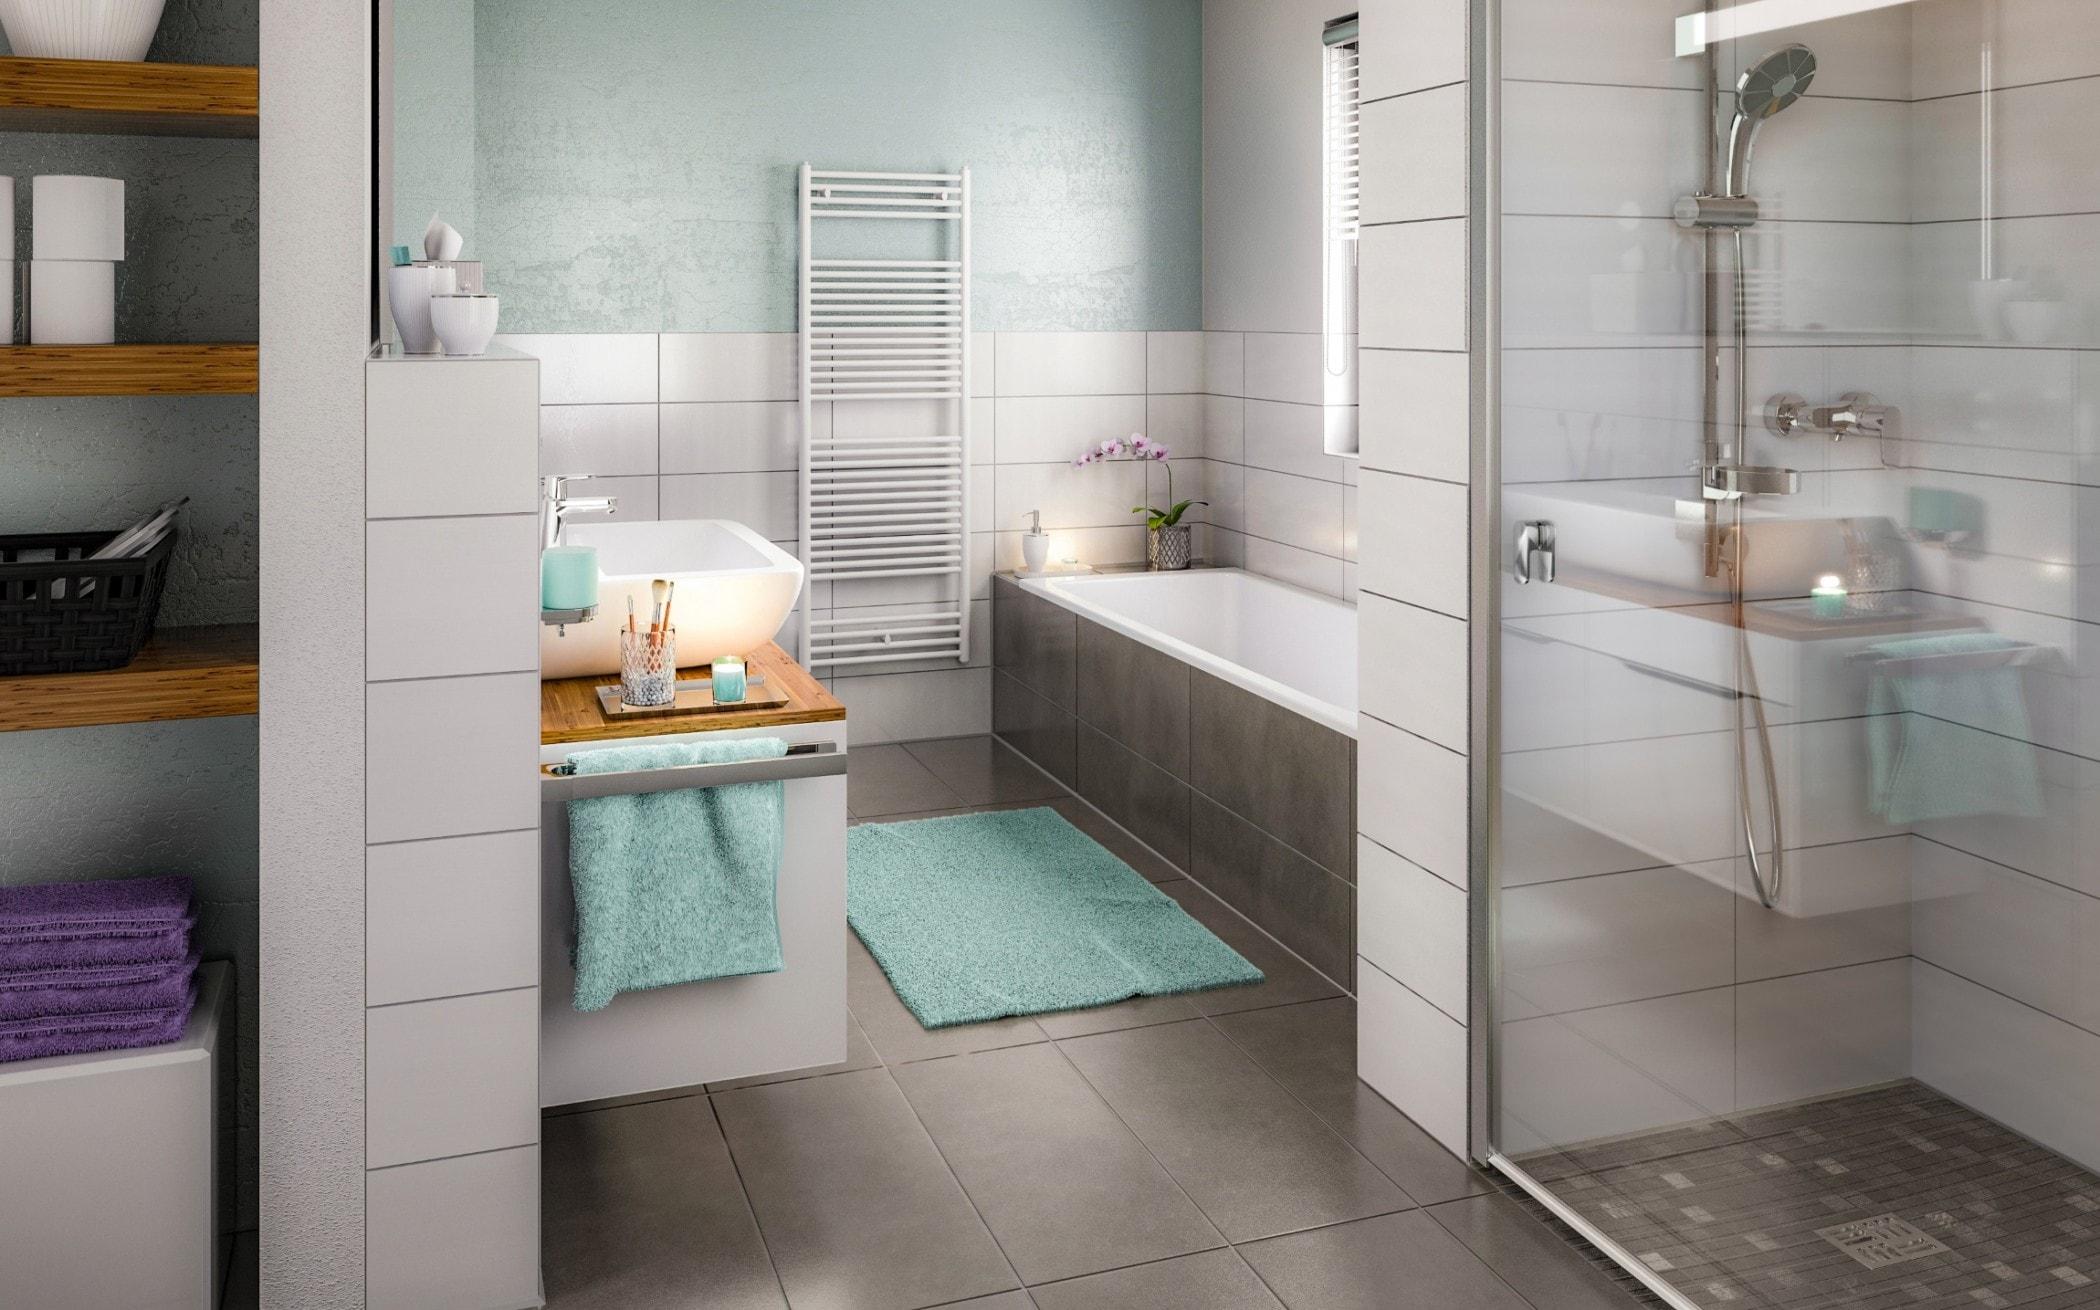 Badezimmer modern mit ebenerdiger Dusche, Farben grau, weiß, türkis - Ideen Einrichtung Doppelhaus AURA 136 von Town Country Haus - HausbauDirekt.de